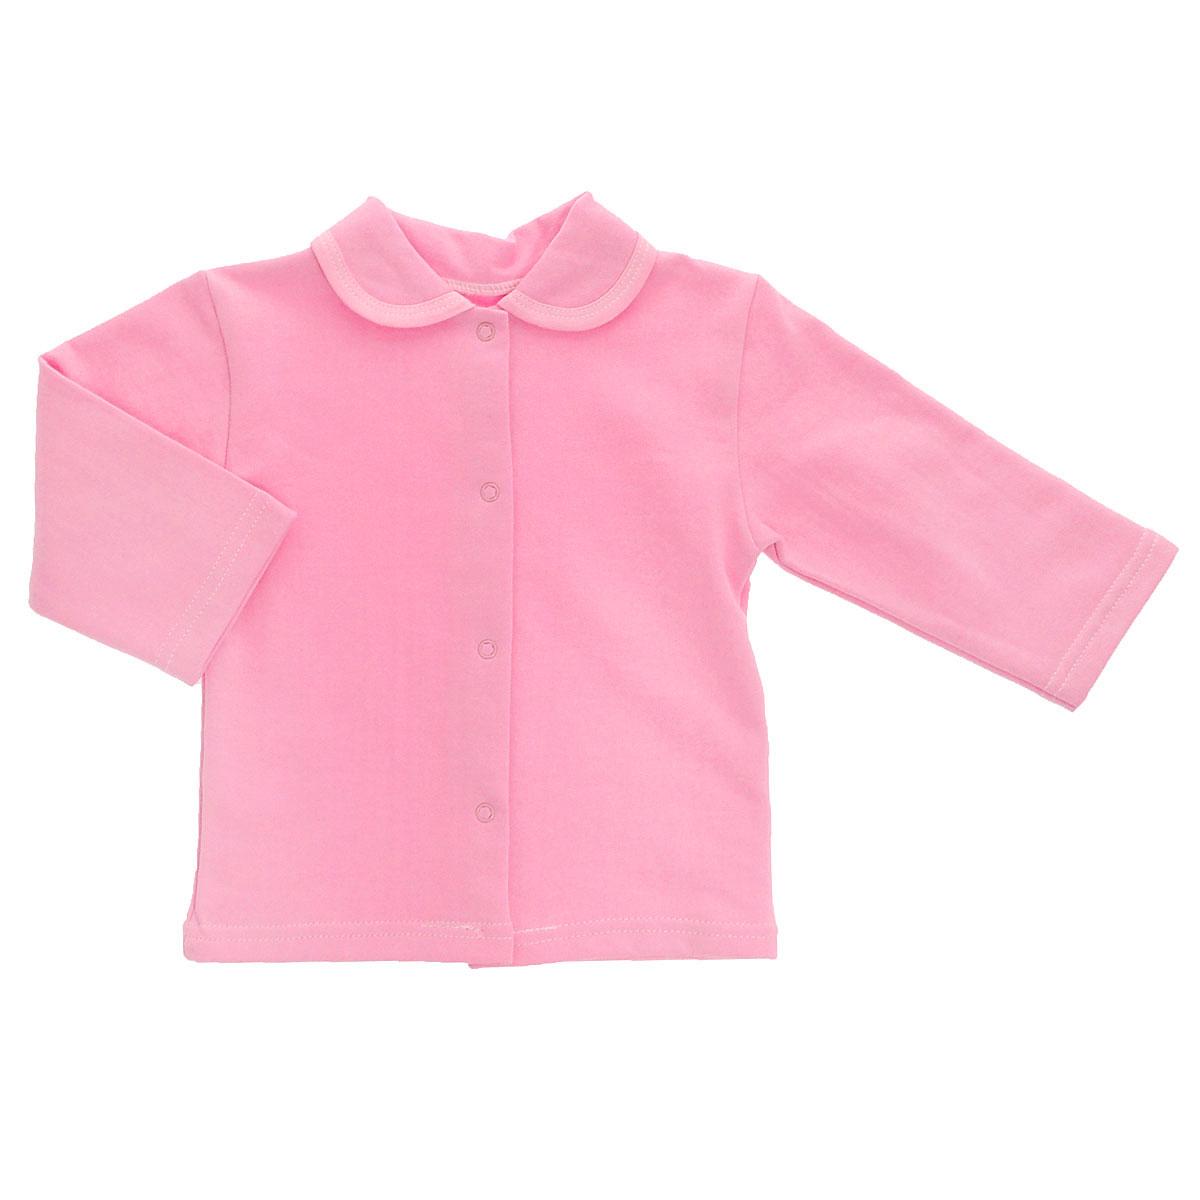 Кофточка детская Трон-плюс, цвет: розовый. 5175. Размер 80, 12 месяцев5175Кофточка для новорожденного Трон-плюс с длинными рукавами послужит идеальным дополнением к гардеробу вашего малыша, обеспечивая ему наибольший комфорт. Изготовленная из футерованного полотна - натурального хлопка, она необычайно мягкая и легкая, не раздражает нежную кожу ребенка и хорошо вентилируется, а эластичные швы приятны телу малыша и не препятствуют его движениям. Удобные застежки-кнопки по всей длине помогают легко переодеть младенца. Модель дополнена отложным воротником.Кофточка полностью соответствует особенностям жизни ребенка в ранний период, не стесняя и не ограничивая его в движениях.